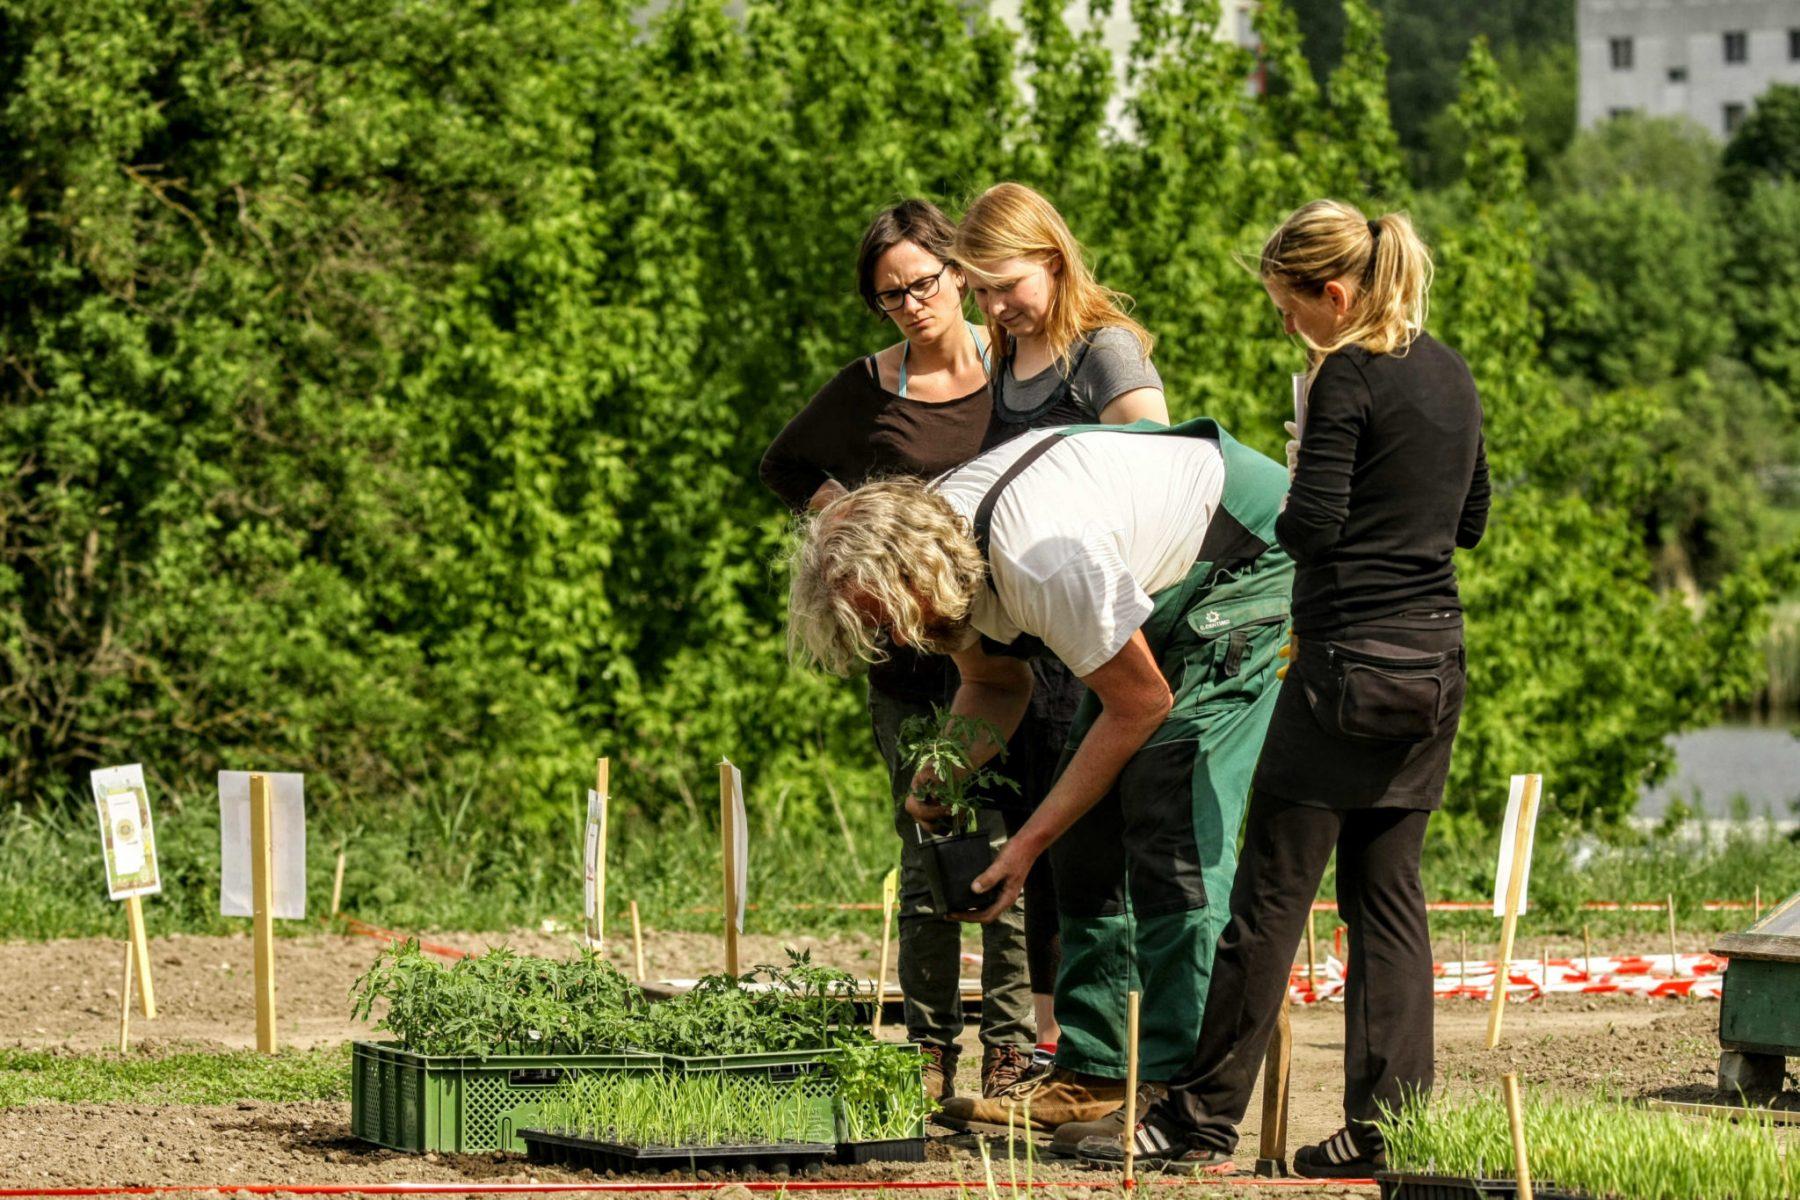 Jungpflanzen begutachten und dann geht's raus auf dem Weltacker. Foto: Volker Gehrmann